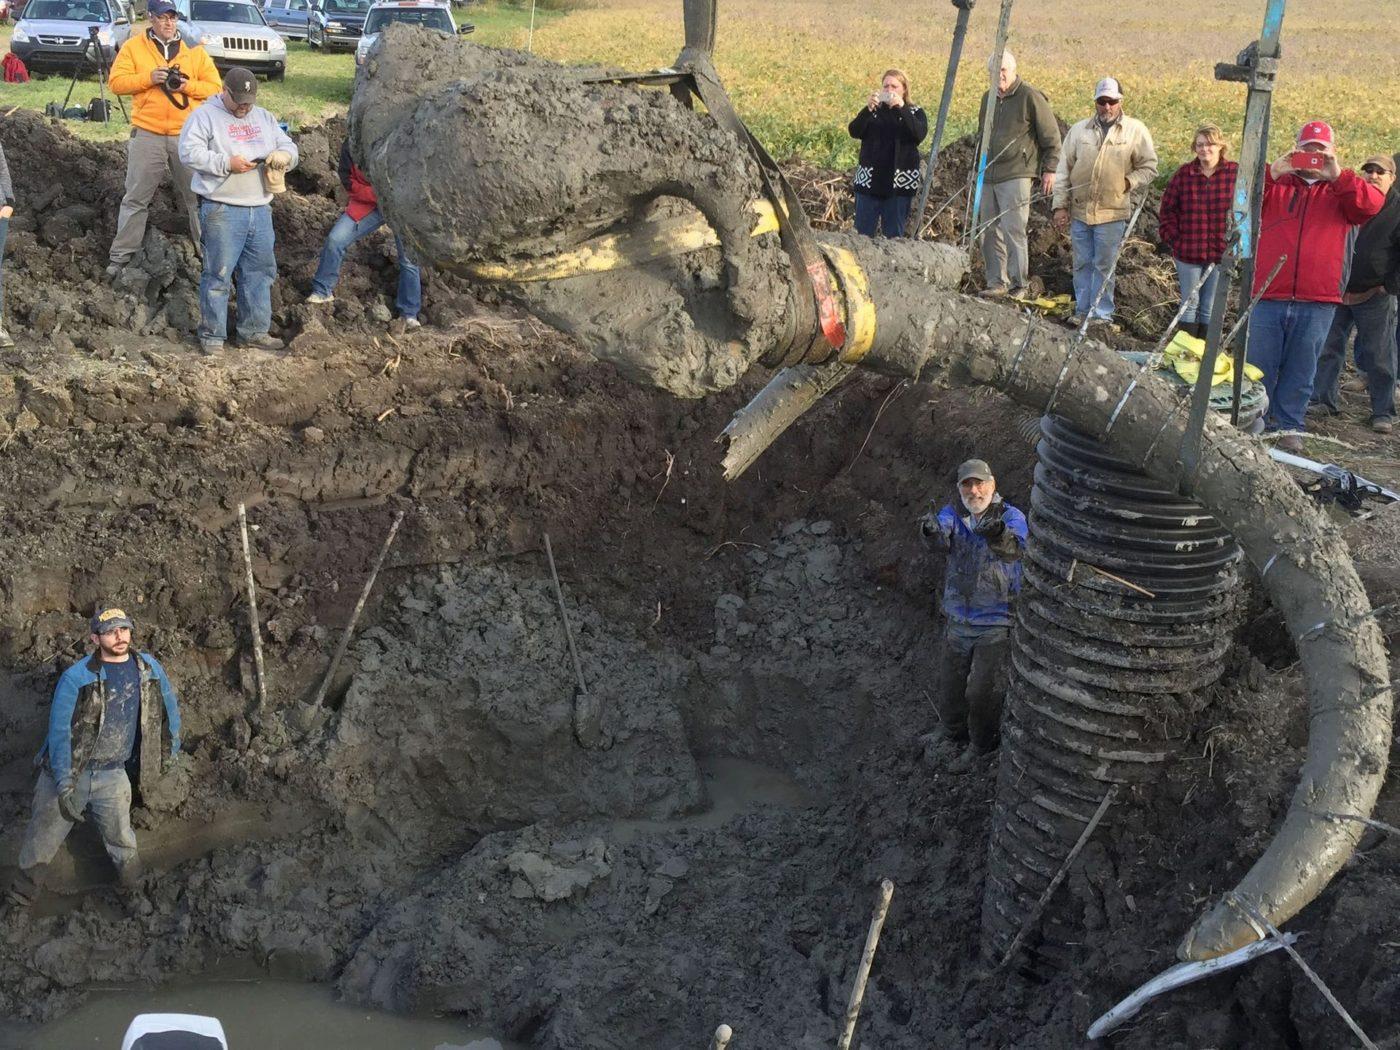 Фермер из Мичигана наткнулся на необычную находку на своей земле